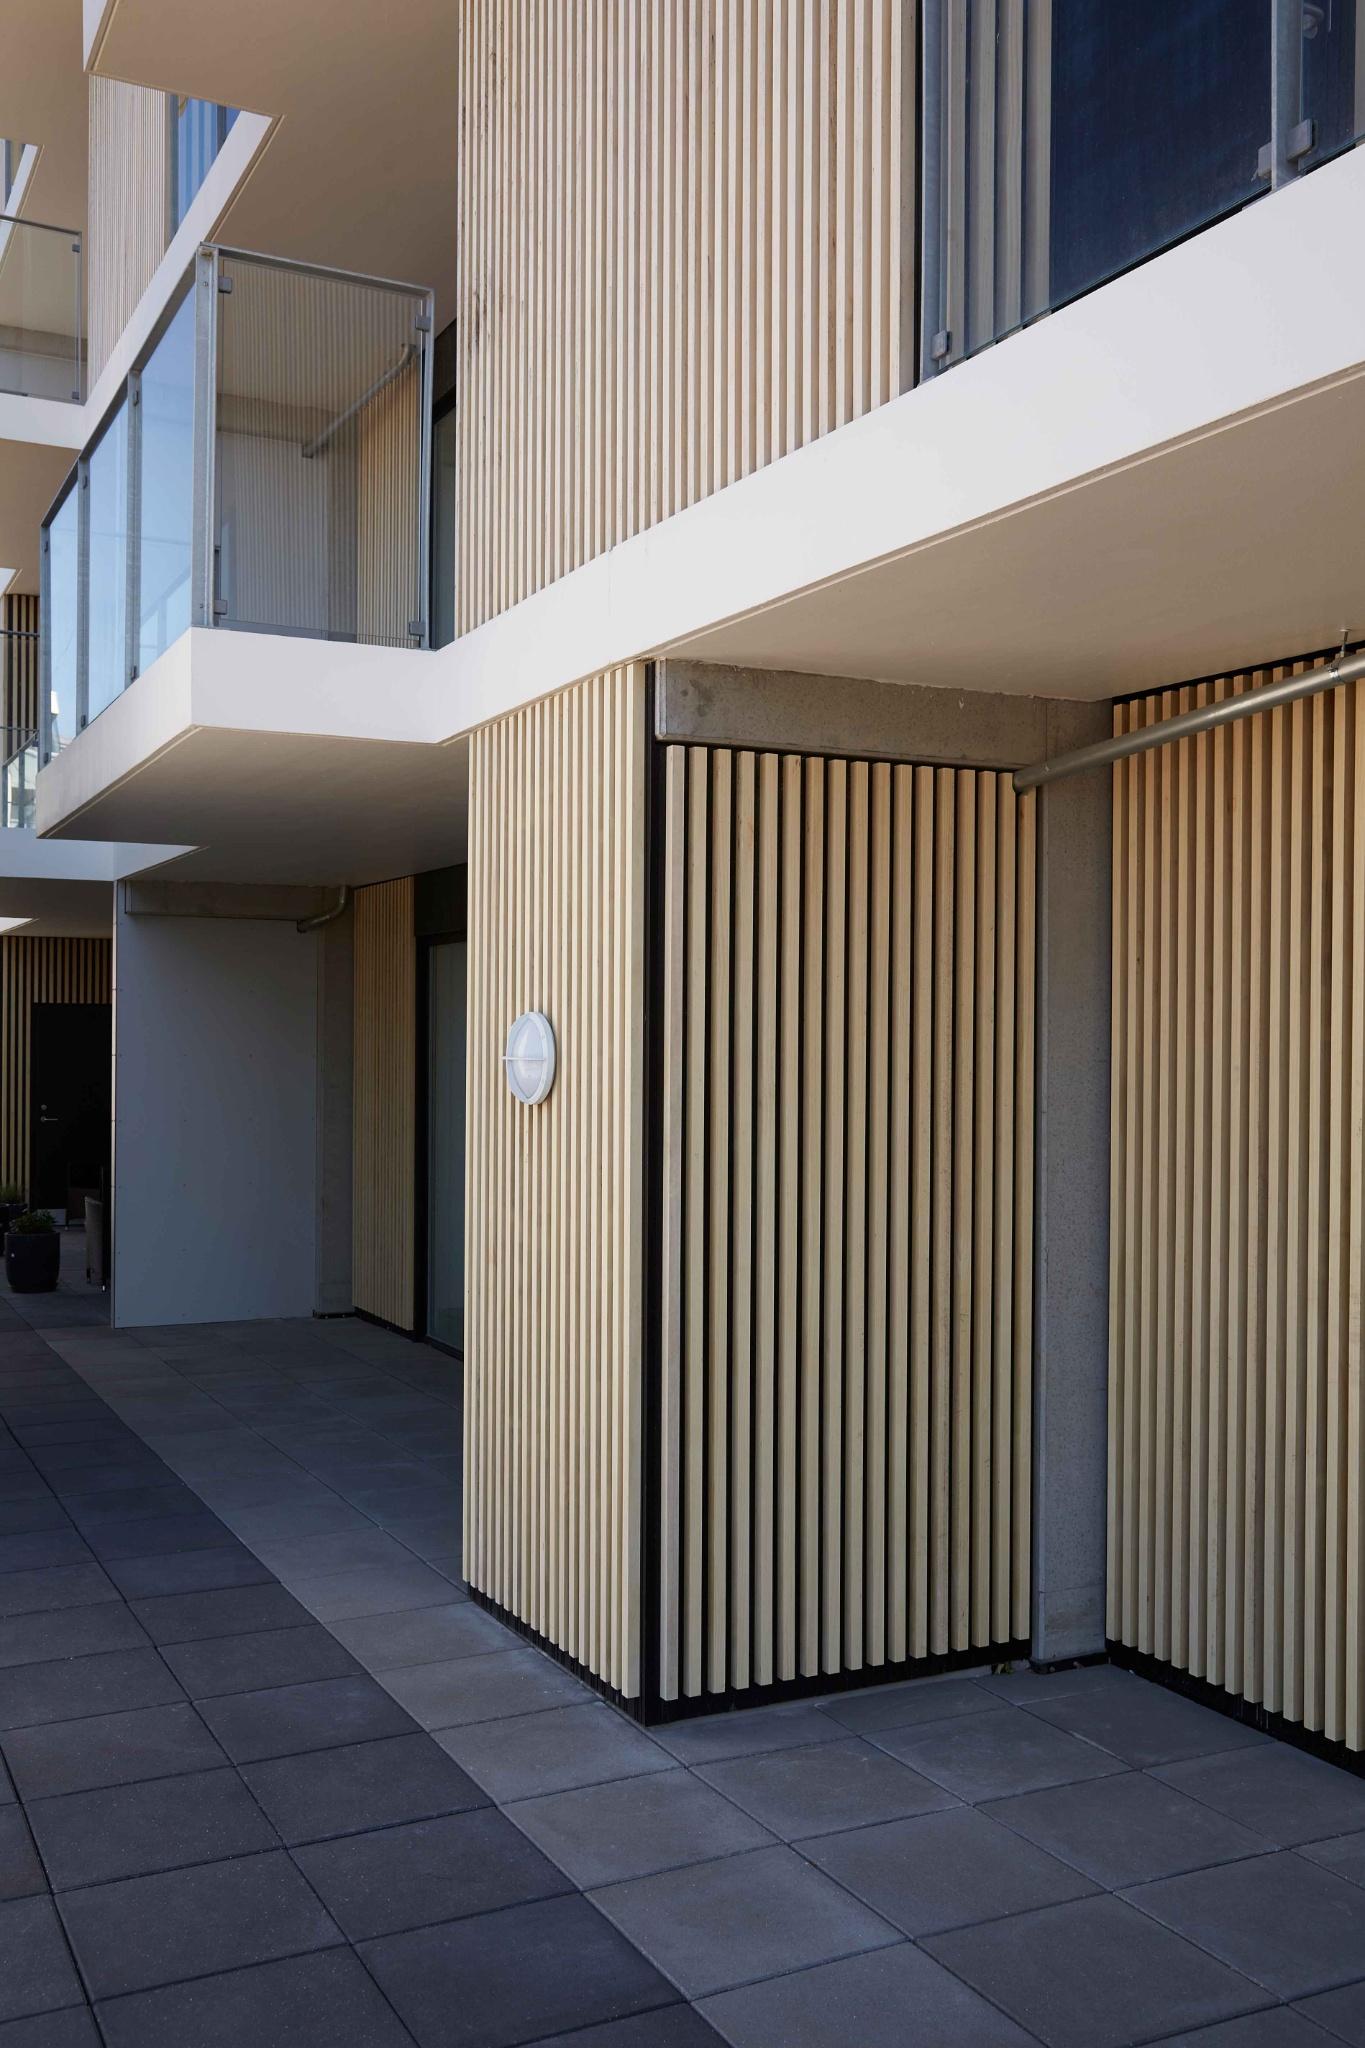 Contiga er din producent af altaner og altangange i beton